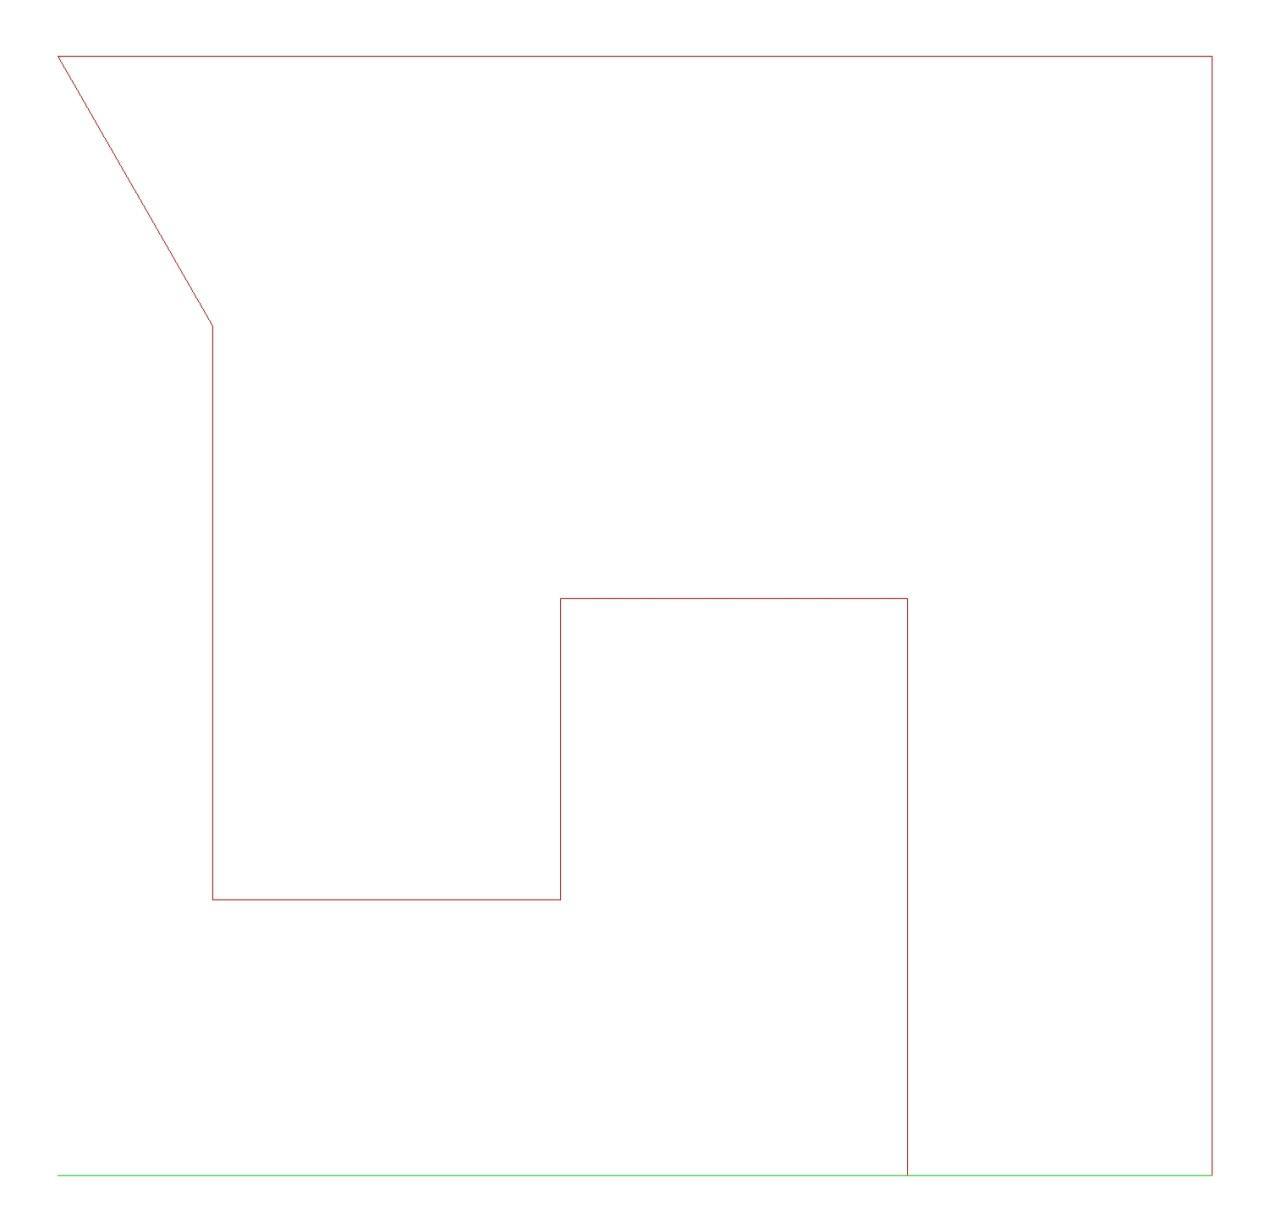 https://gn-api-res.s3.amazonaws.com/64e644af80d248486d5e148af9cf5ba08528edee107ac2cfc125aefc6243e4e7/mirror_part.jpg